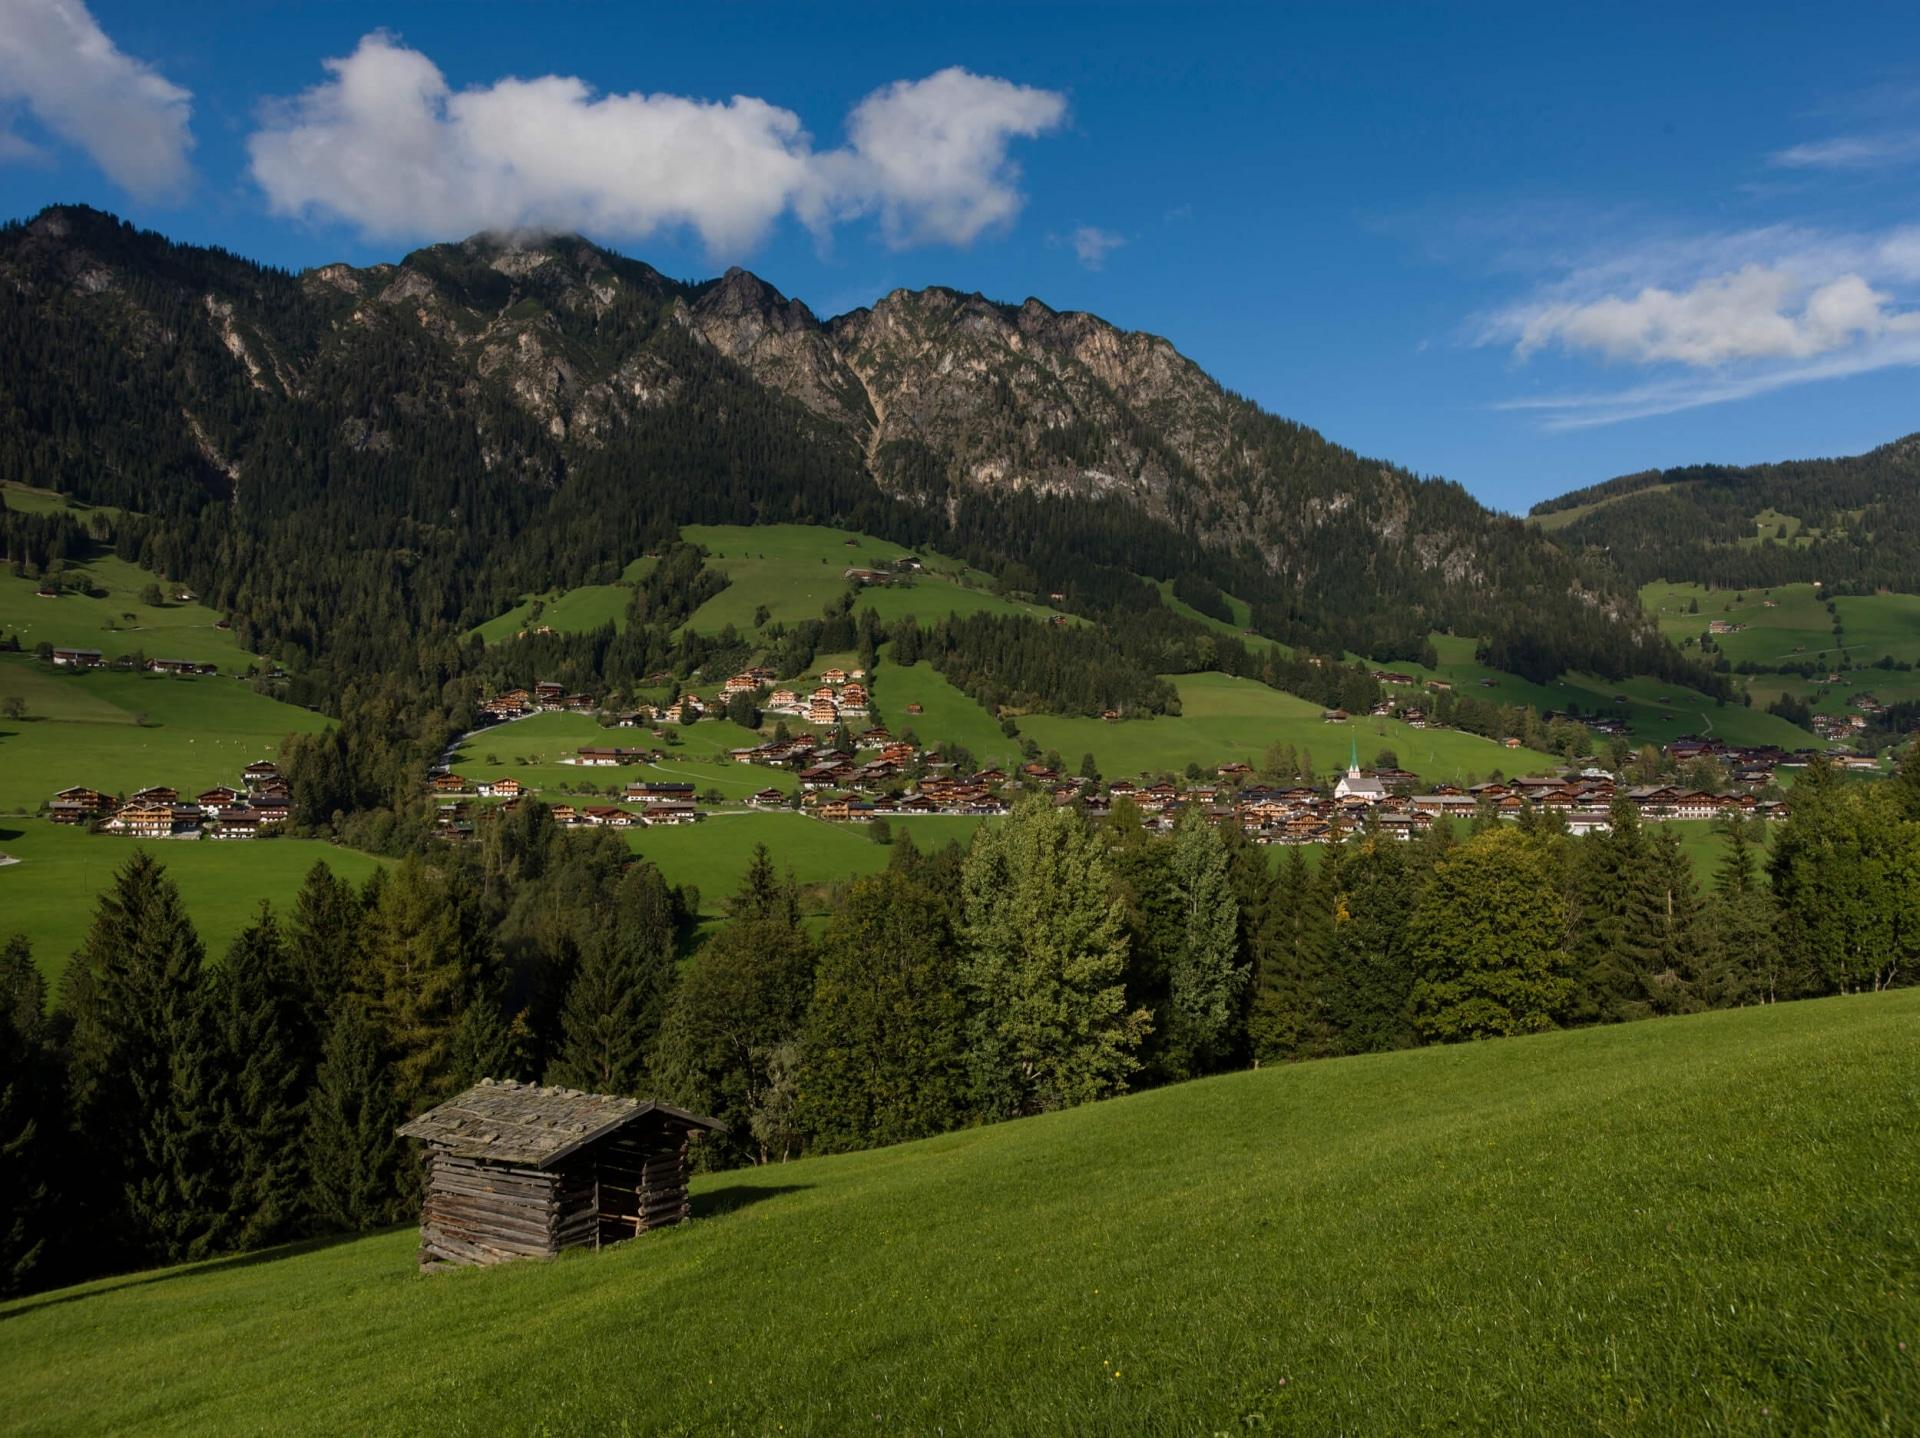 Genussbiken im Alpbachtal in Tirol © Alpbachtal Tourismus - A. Campanile